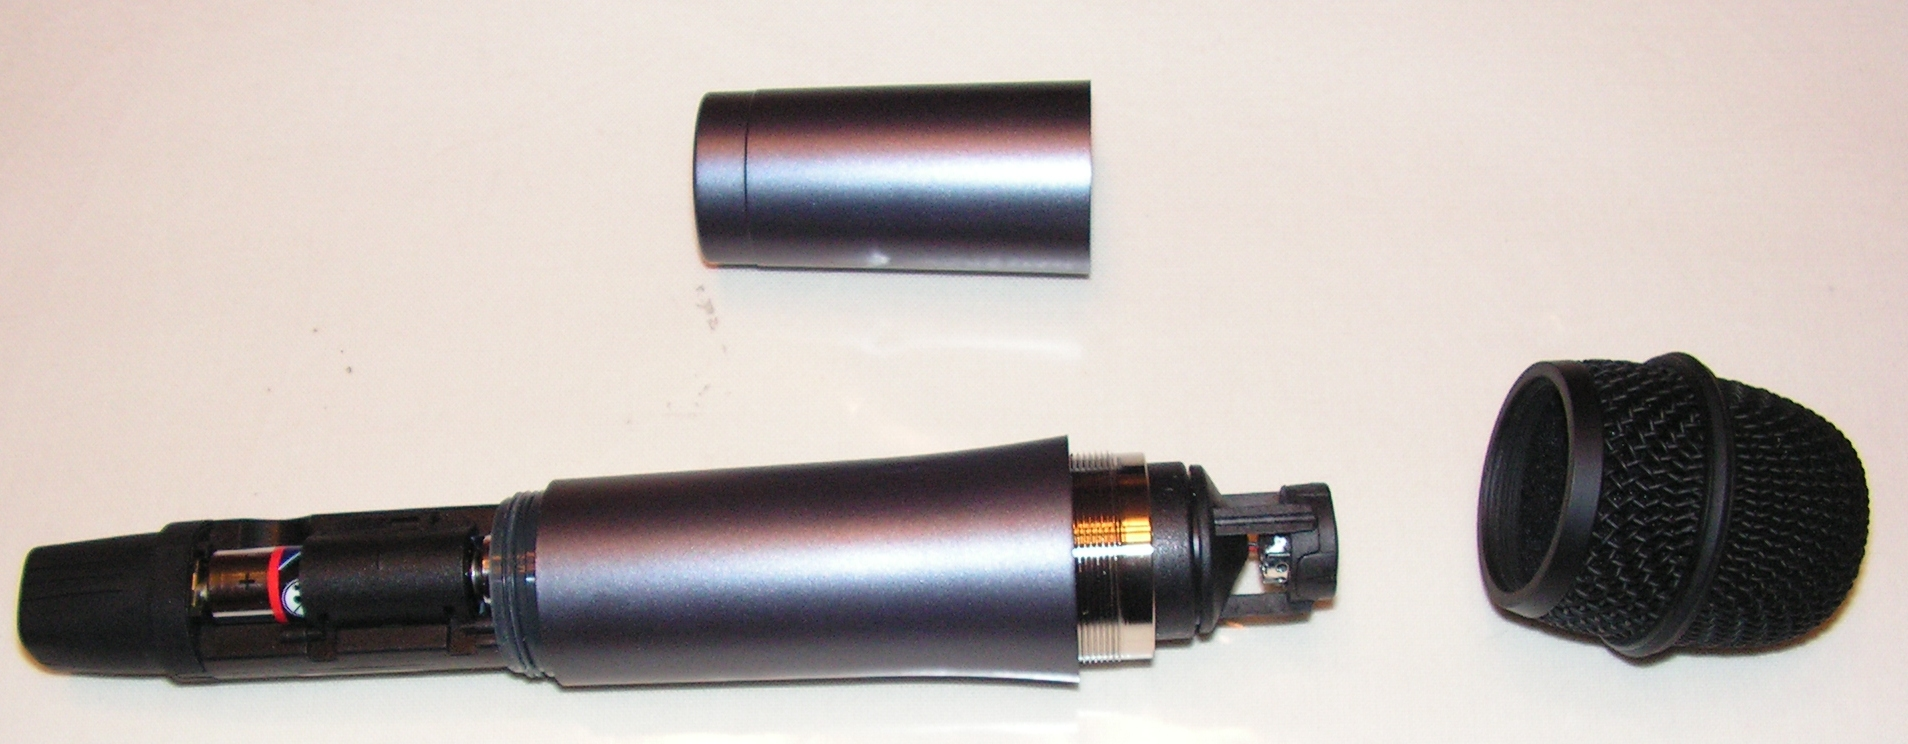 Microphone sans fil T-bone DS-16H : Utilisation sur émetteur-récepteur radioamateur Micro-sans-fil-07